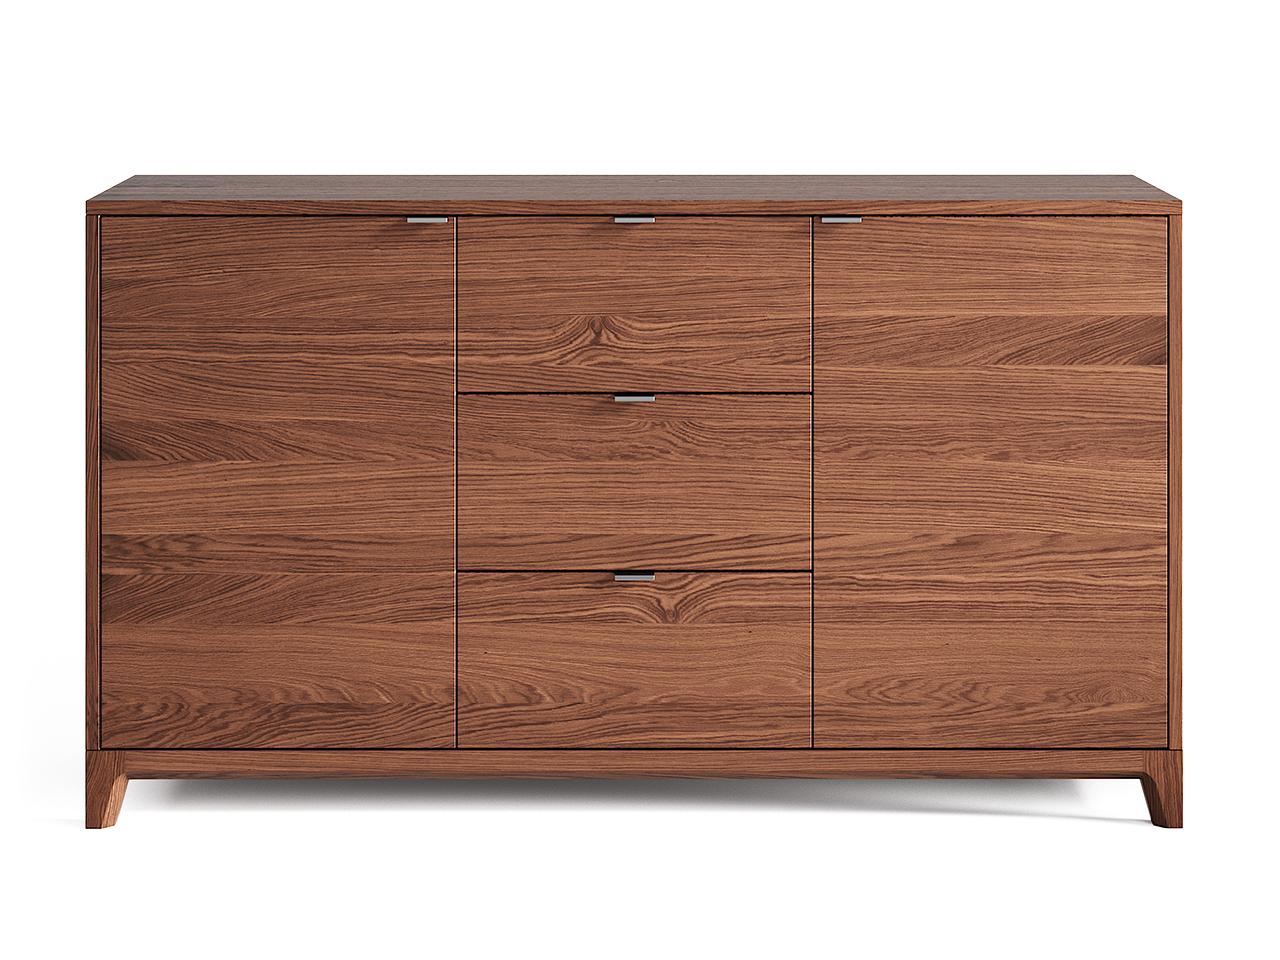 Комод Дуб тобаккоИнтерьерные комоды<br>Элегантность и практичность, неповторимая фактура дерева и современный дизайн гармонично сочетаются в комоде CASE.Базовая ширина комода – 140 см, поэтому на нем можно разместить целый ряд предметов.Комод очень вместителен и может использоваться в любом помещении - гостиной, спальне или даже в офисе.&amp;lt;div&amp;gt;&amp;lt;br&amp;gt;&amp;lt;/div&amp;gt;&amp;lt;div&amp;gt;&amp;lt;div&amp;gt;Цвет: Дуб тобакко.&amp;lt;/div&amp;gt;&amp;lt;div&amp;gt;Материал: Массив дуба, натуральный шпон дуба, МДФ, ДСП, лак.&amp;lt;/div&amp;gt;&amp;lt;/div&amp;gt;<br><br>Material: Дуб<br>Ширина см: 140<br>Высота см: 80